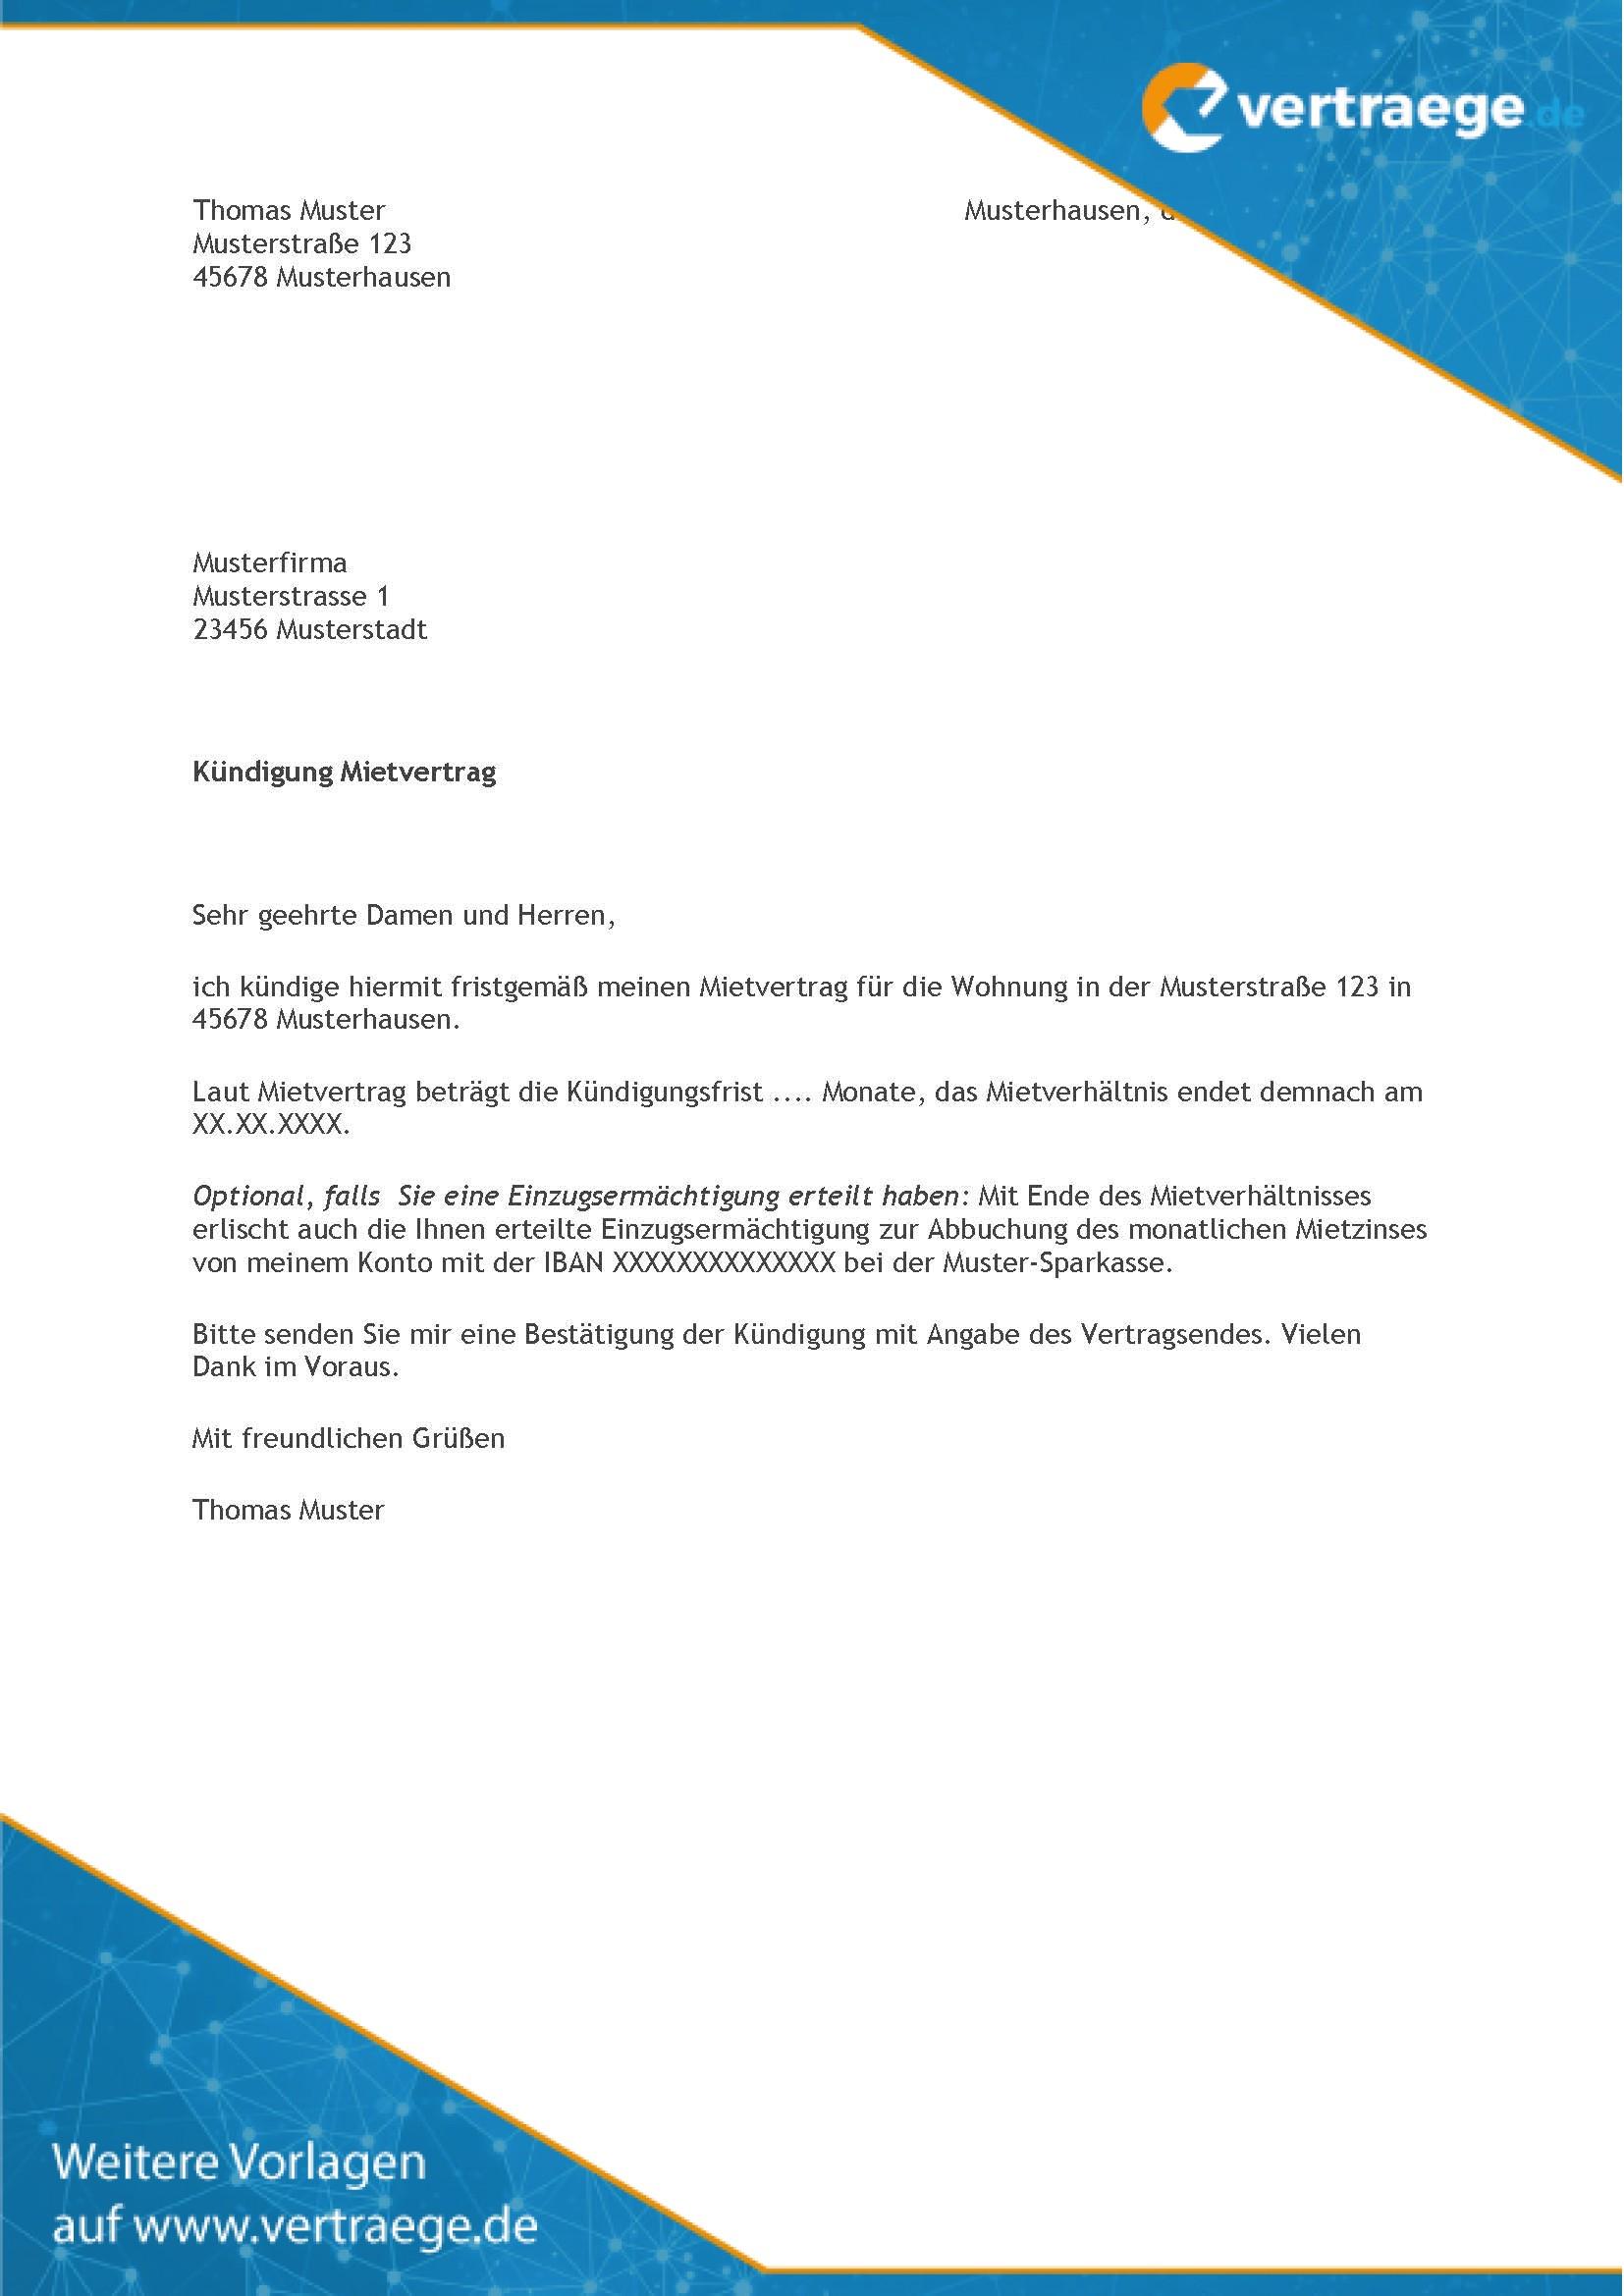 Vorlage Kundigung Wohnung Mietvertrag Schweiz 10